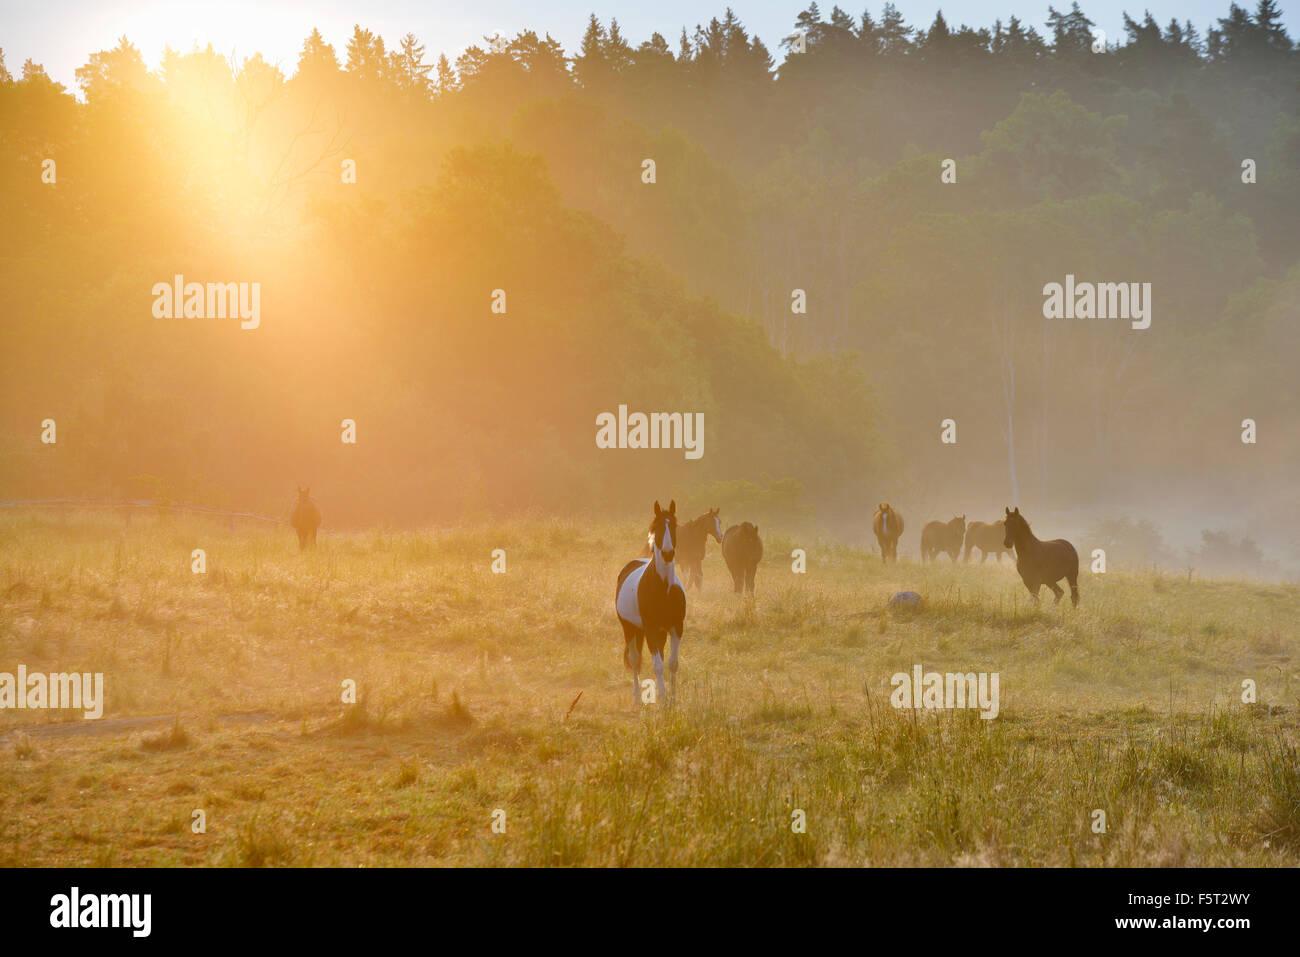 Sweden, Uppland, Lidingo, View of horses (Equus ferus caballus) in meadow at sunrise - Stock Image